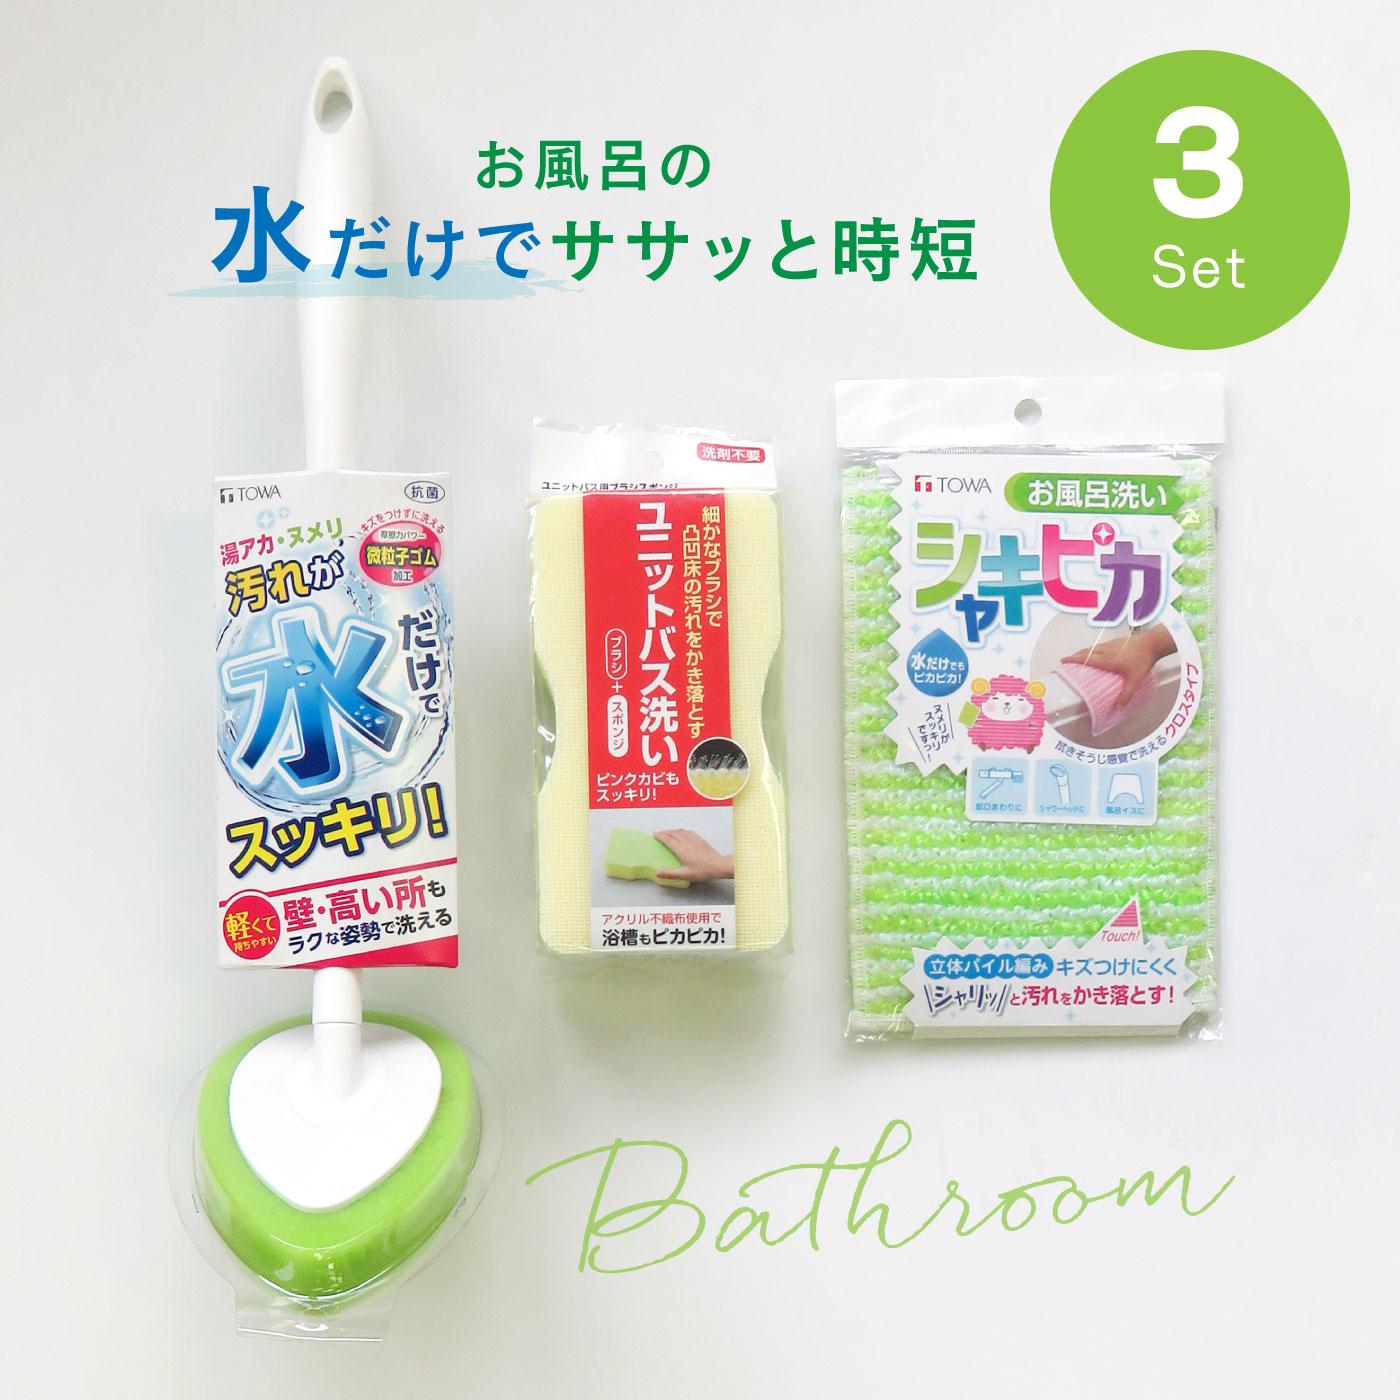 【特急便】洗剤いらずでササっとお風呂掃除セット